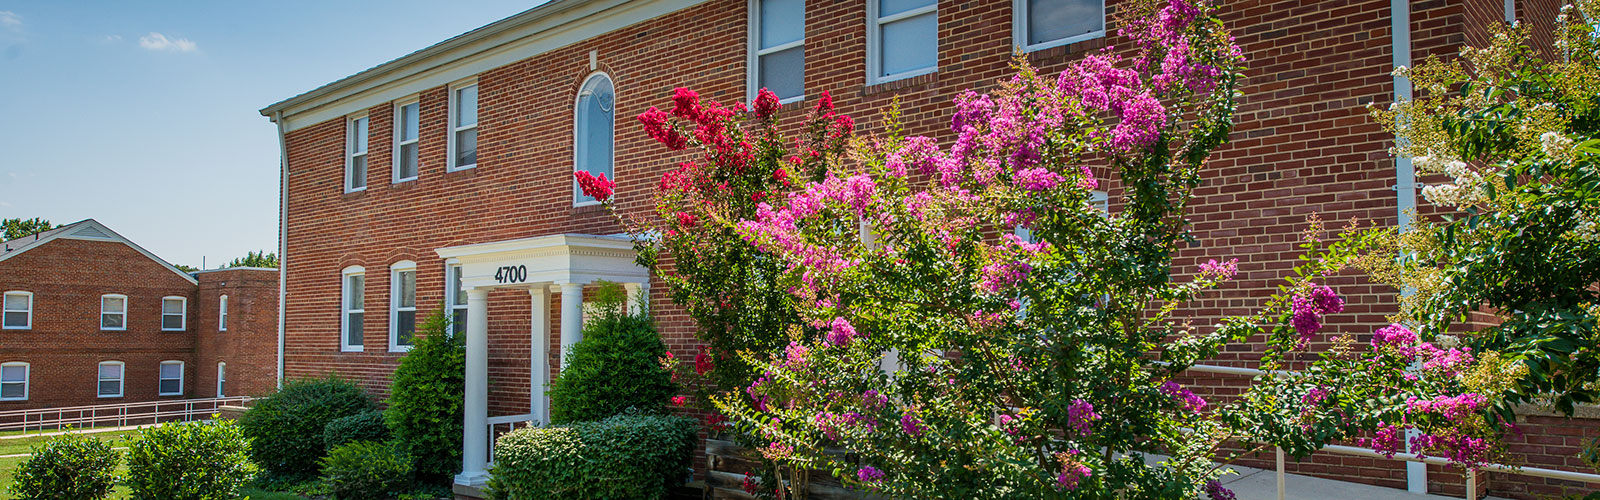 Queens Manor Gardens – Apartments in Hyattsville, MD